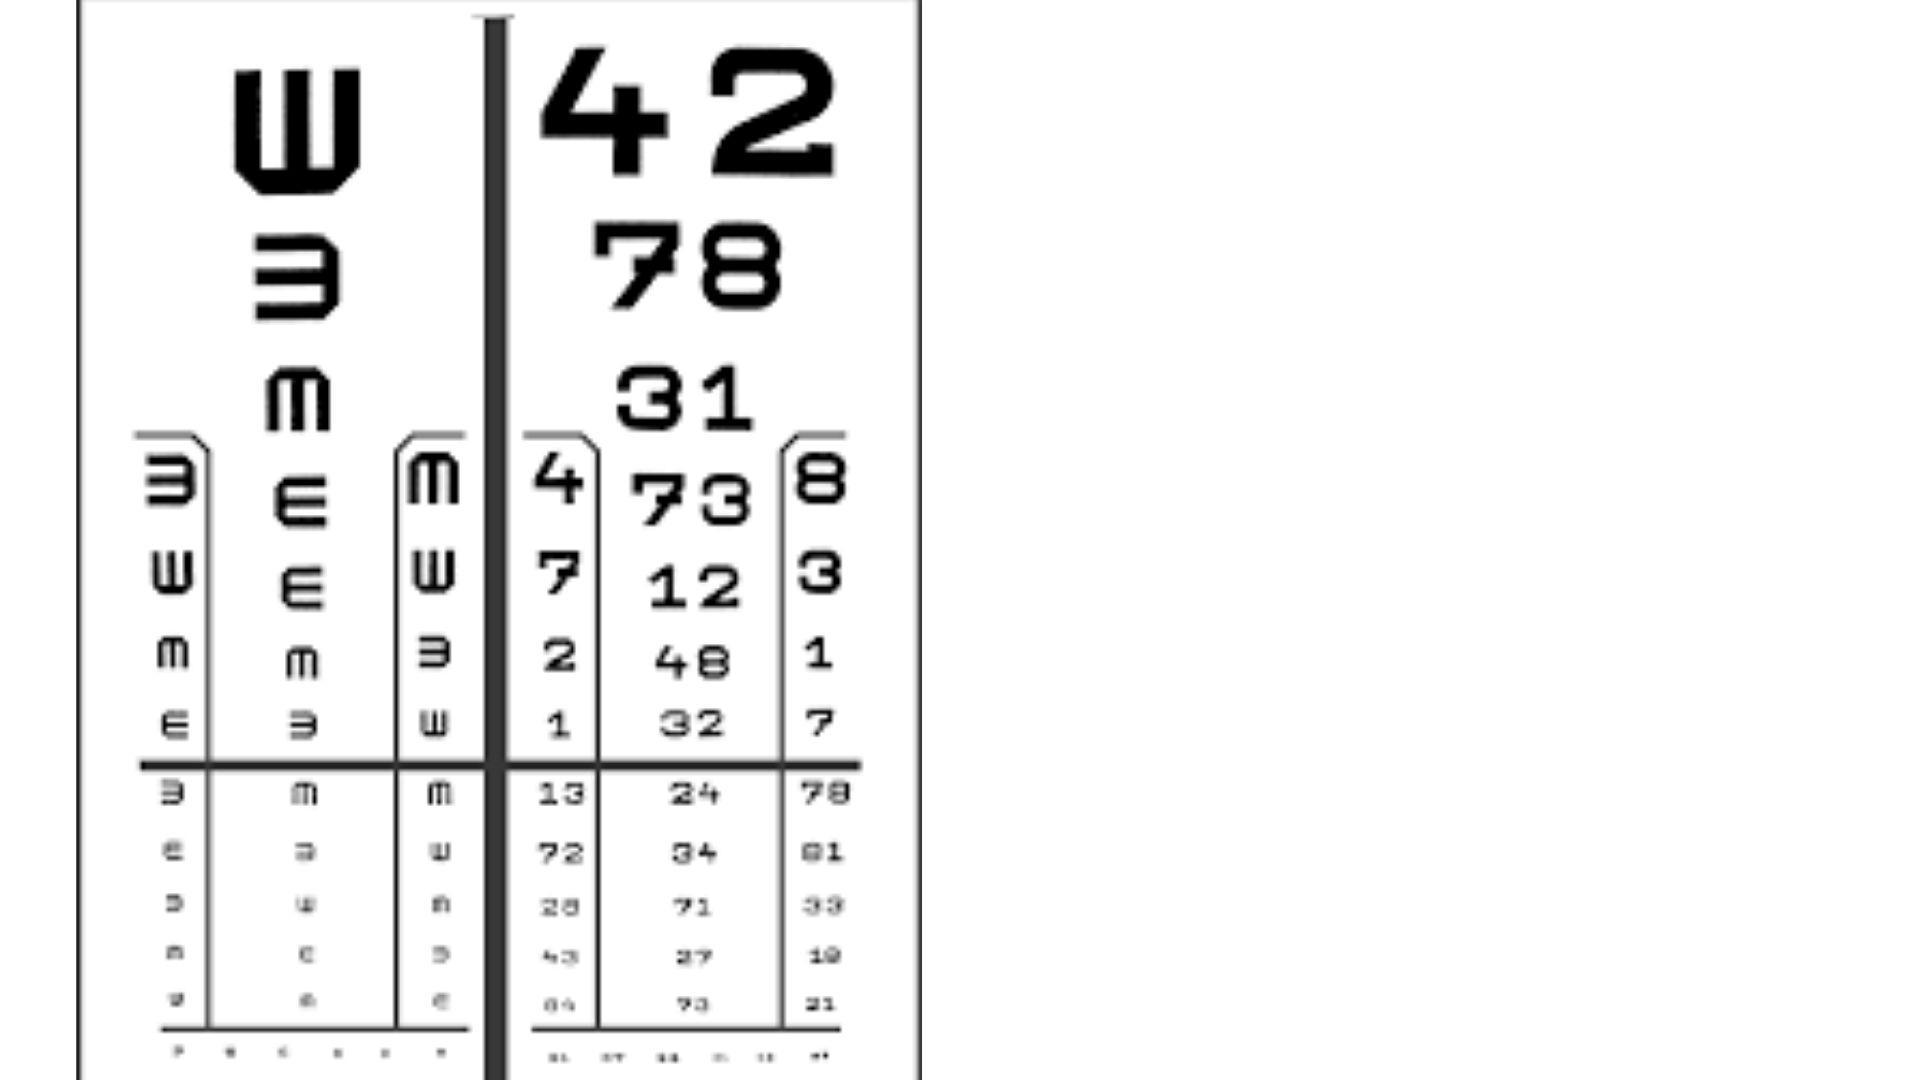 Töltse le a szem táblázatát a gyermekek szemvizsgálatához